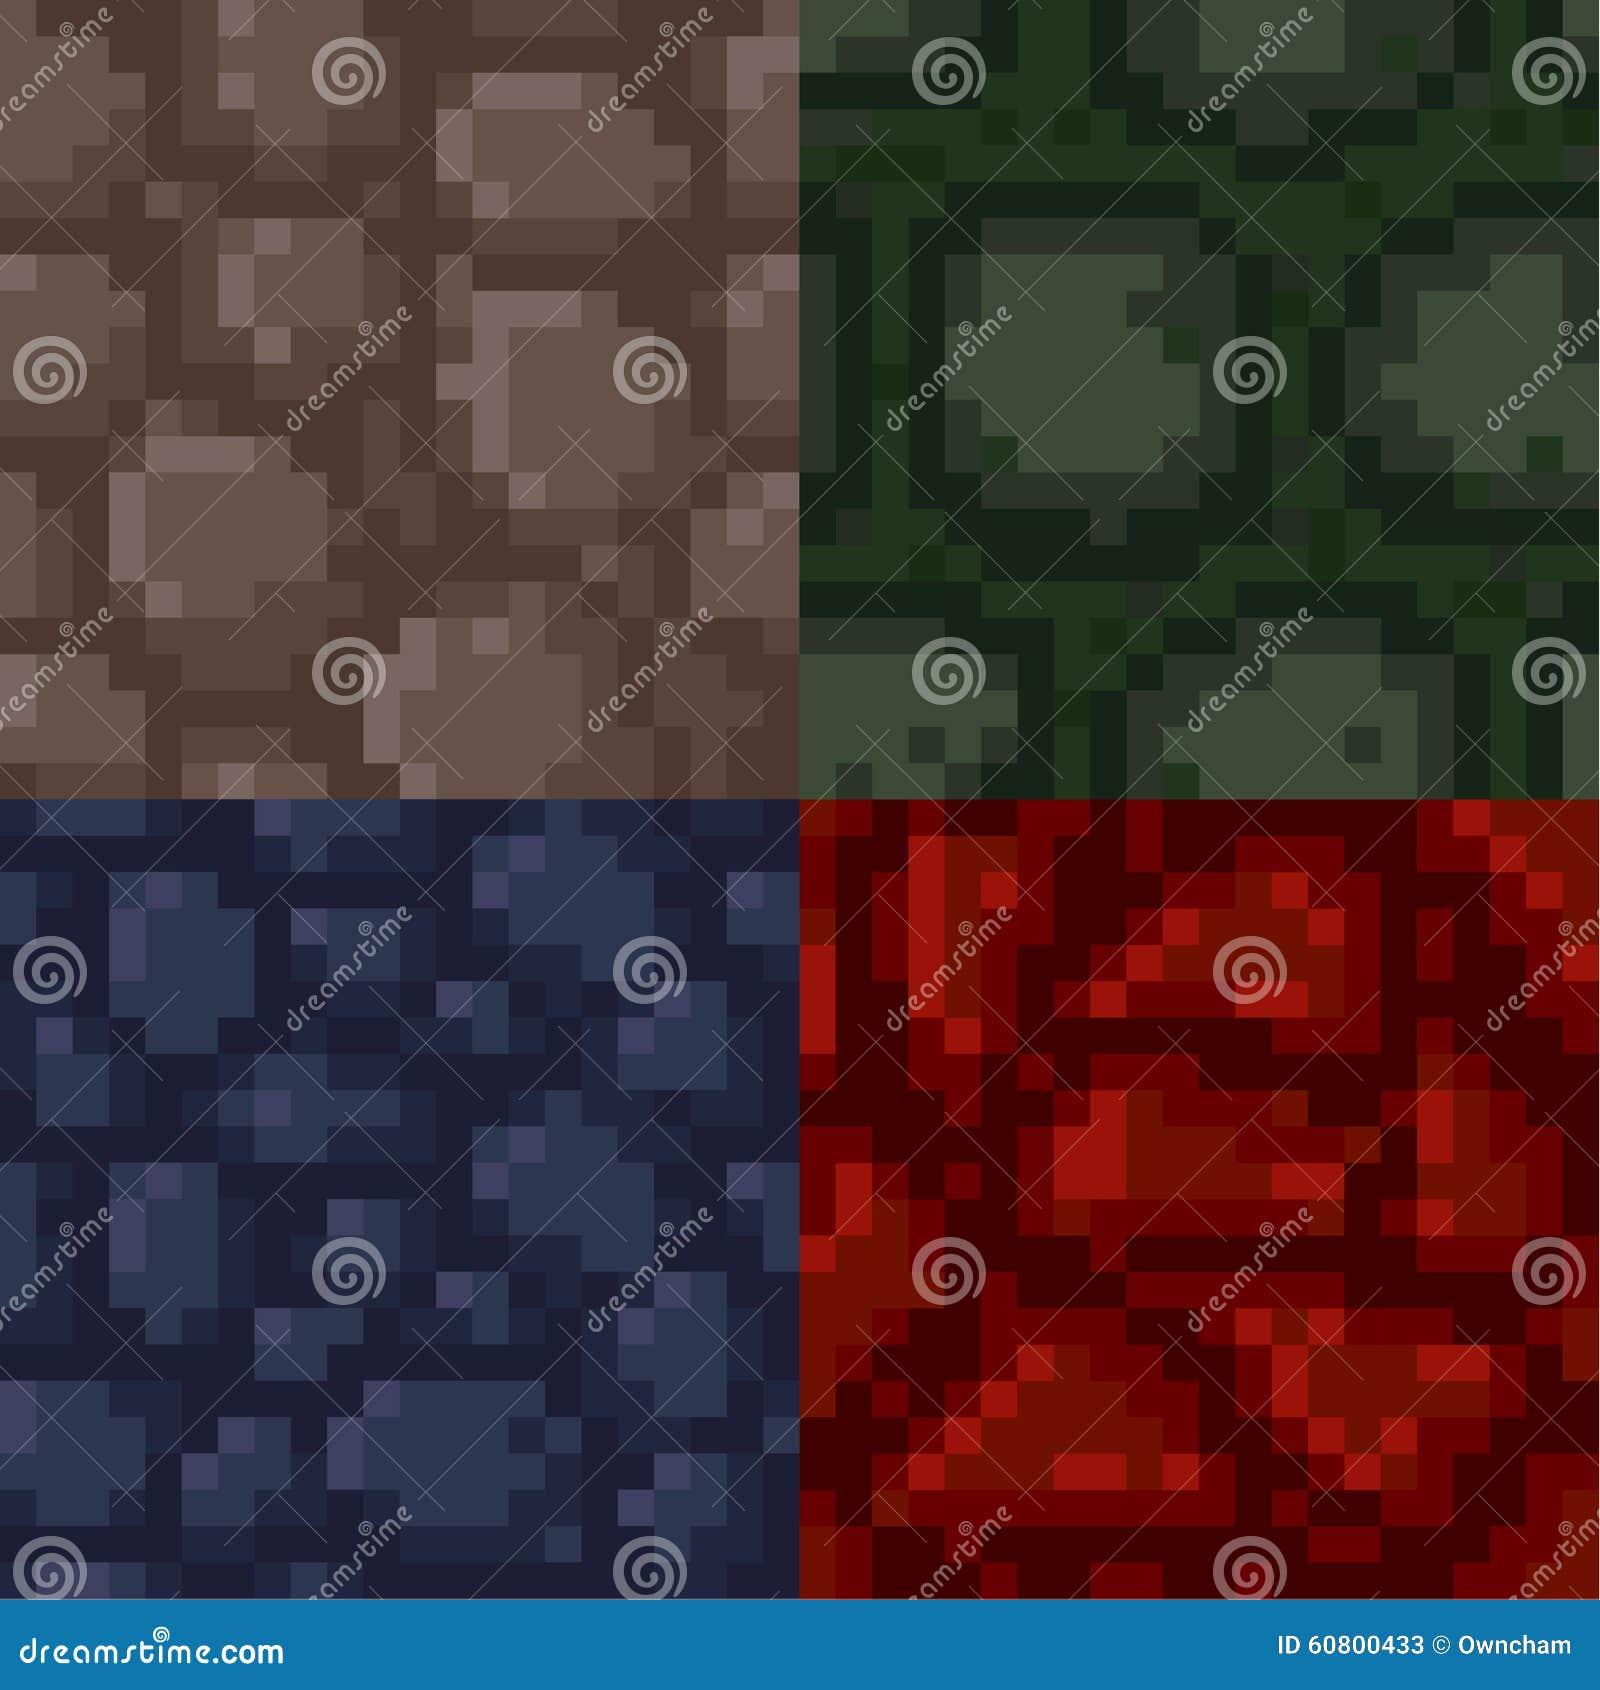 Set Of Pixel Stone Textures Stock Vector